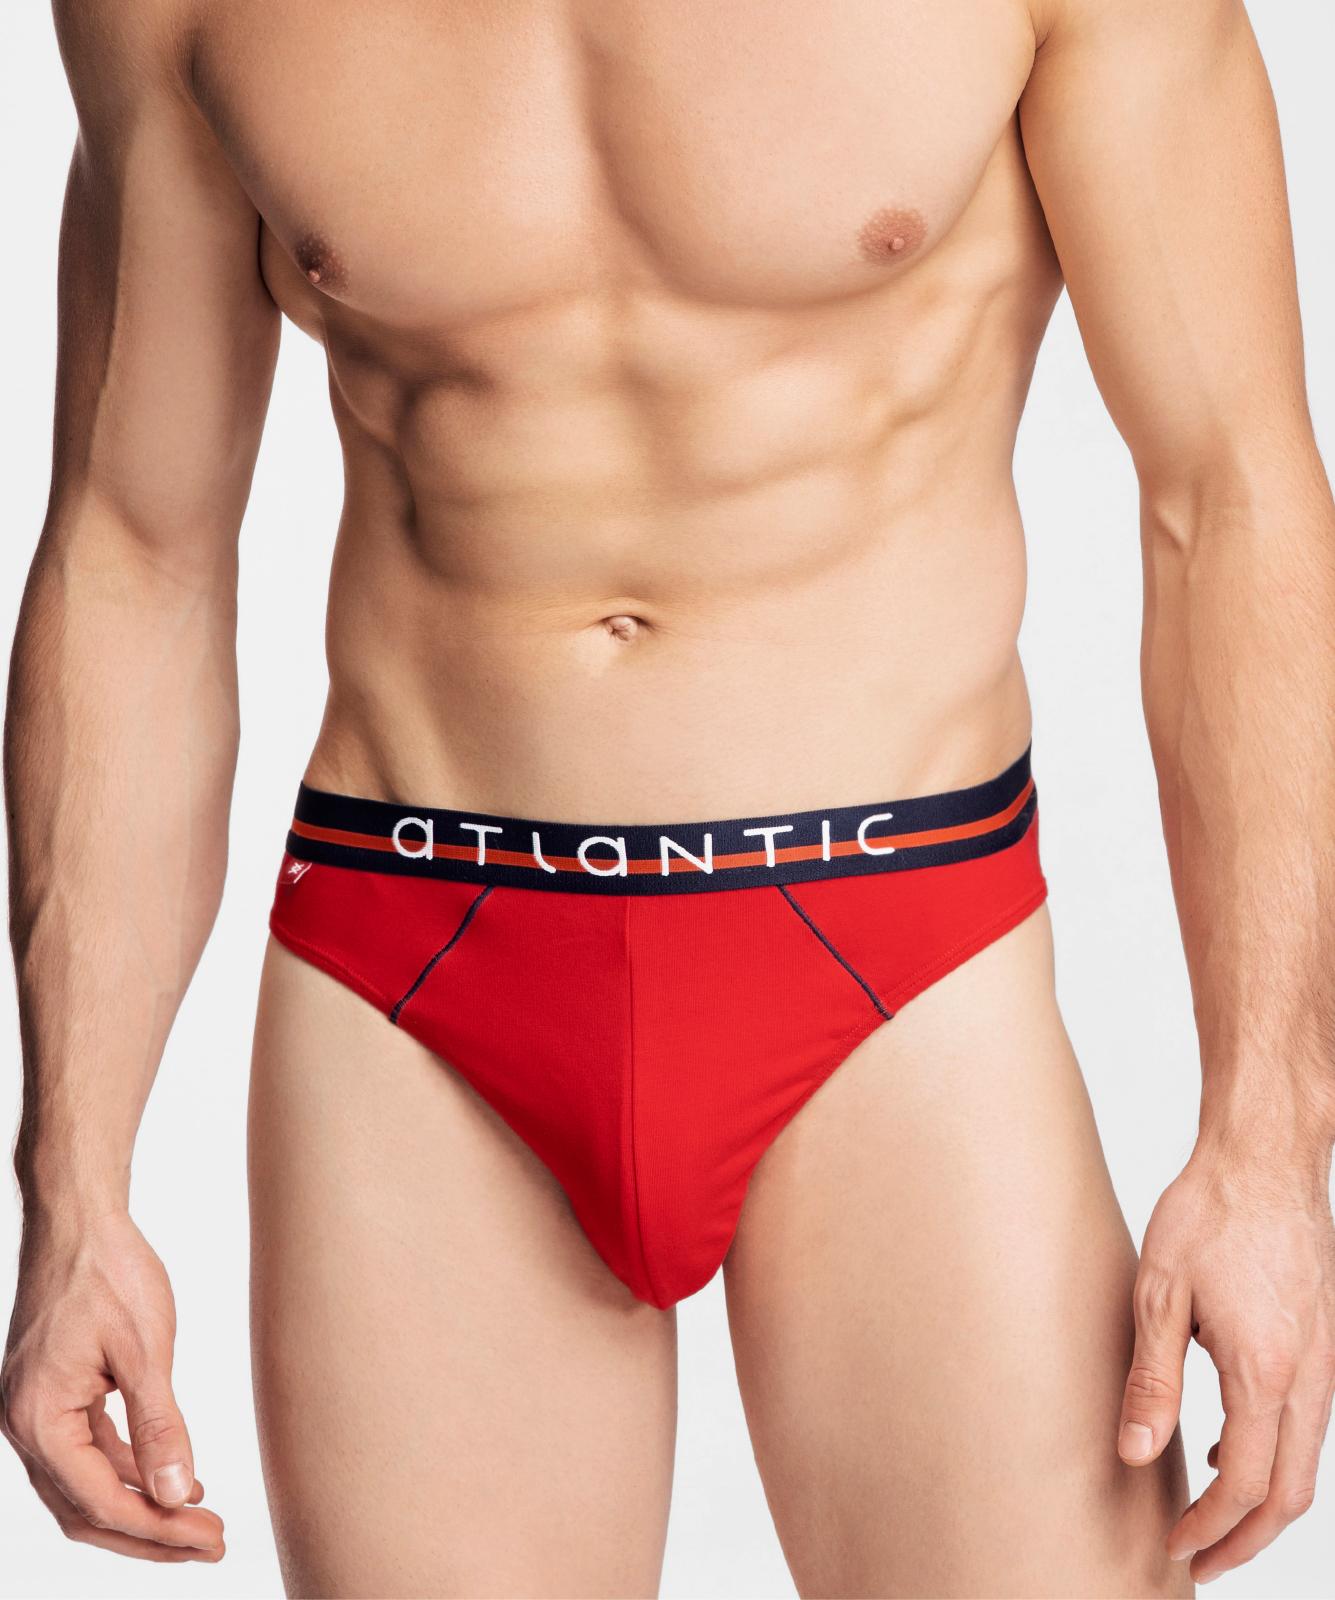 Мужские трусы слипы спорт Atlantic, набор 3 шт., хлопок, красные + темно-синие + деним, 3MP-083